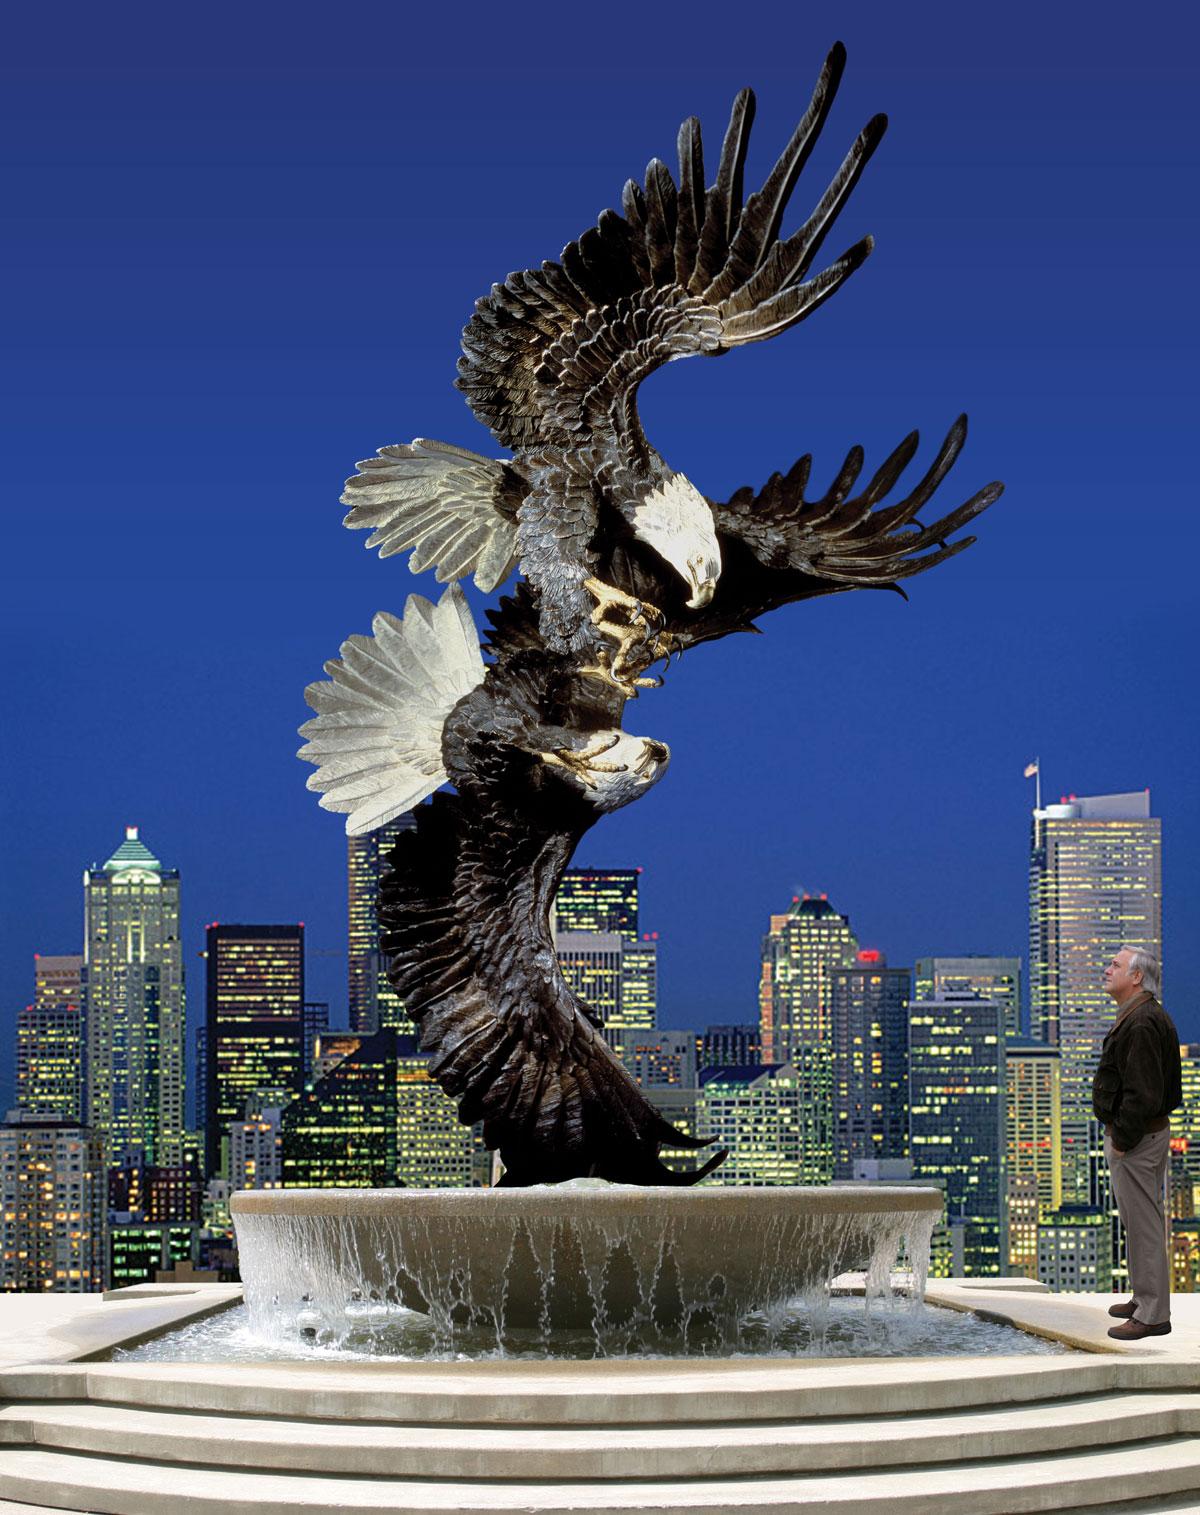 Majestic Courtship Eagle Sculpture Monument